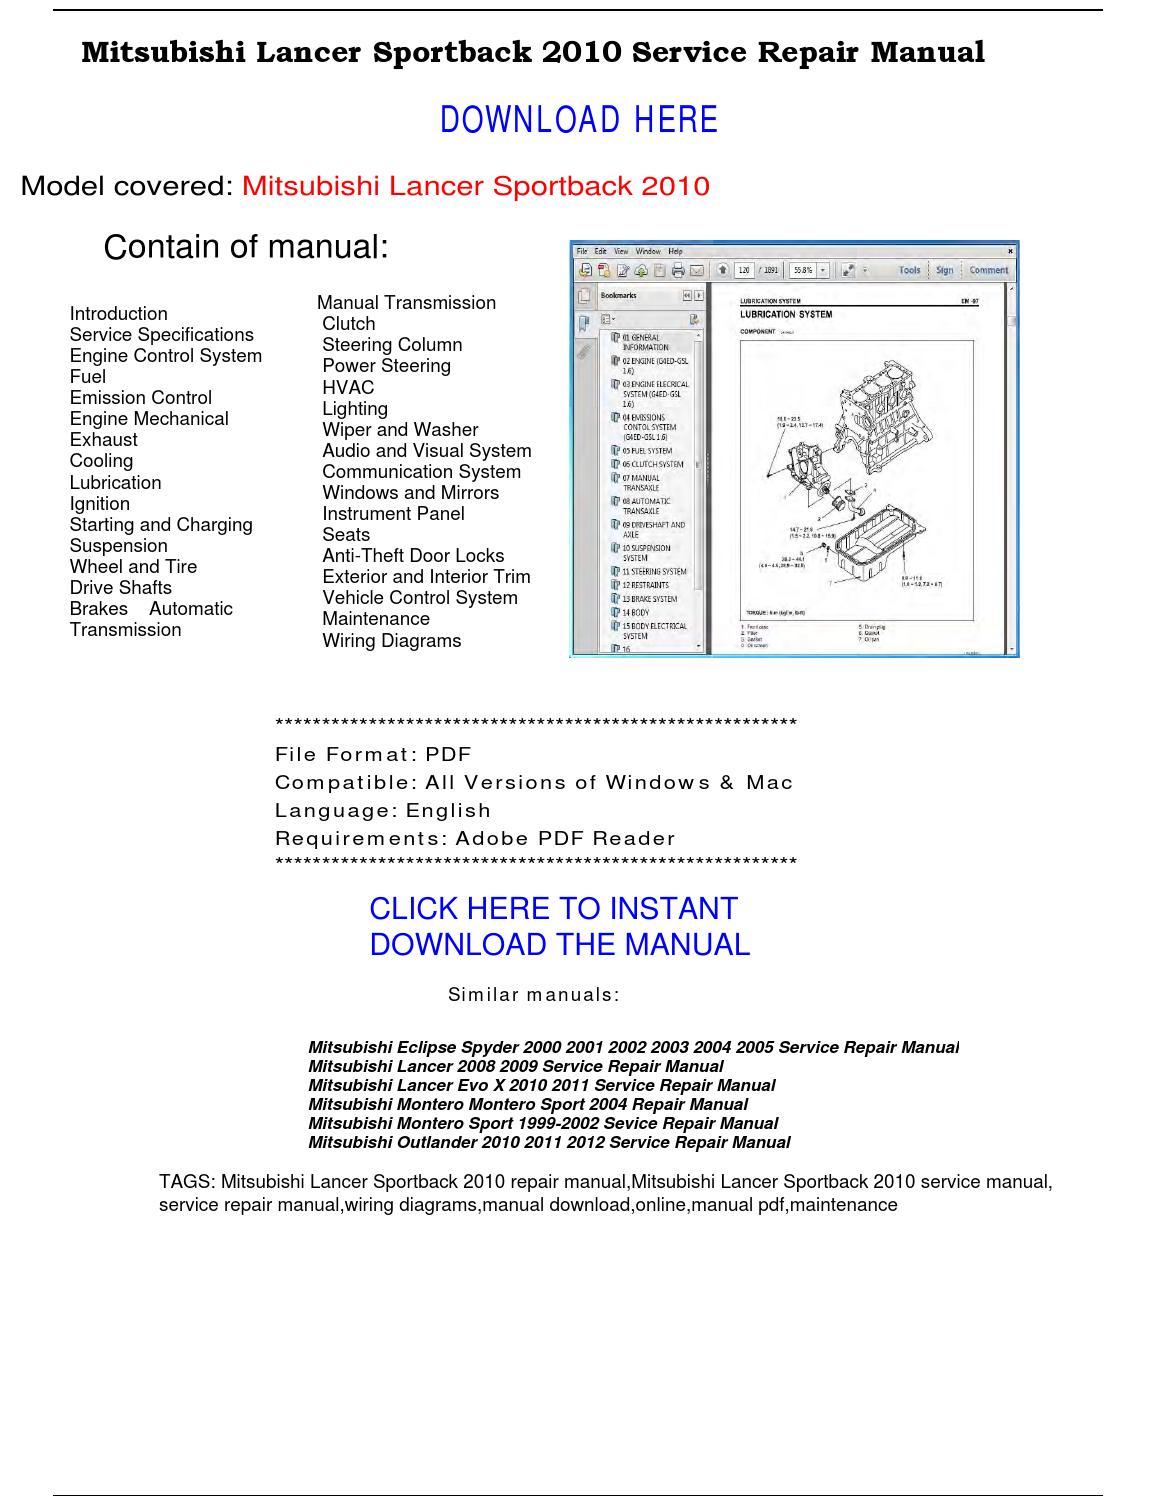 Mitsubishi Lancer Sportback 2010 Service Repair Manual By Repairmanualpdf